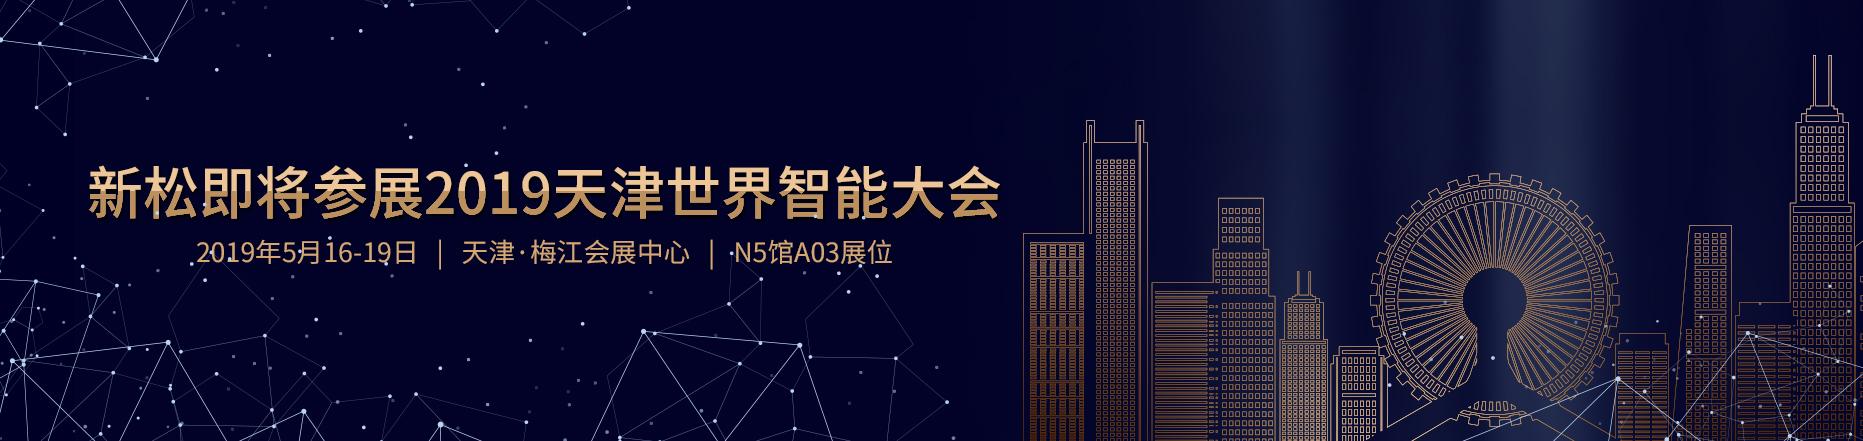 预告:亚洲城88即将参展2019天津世界智能大会